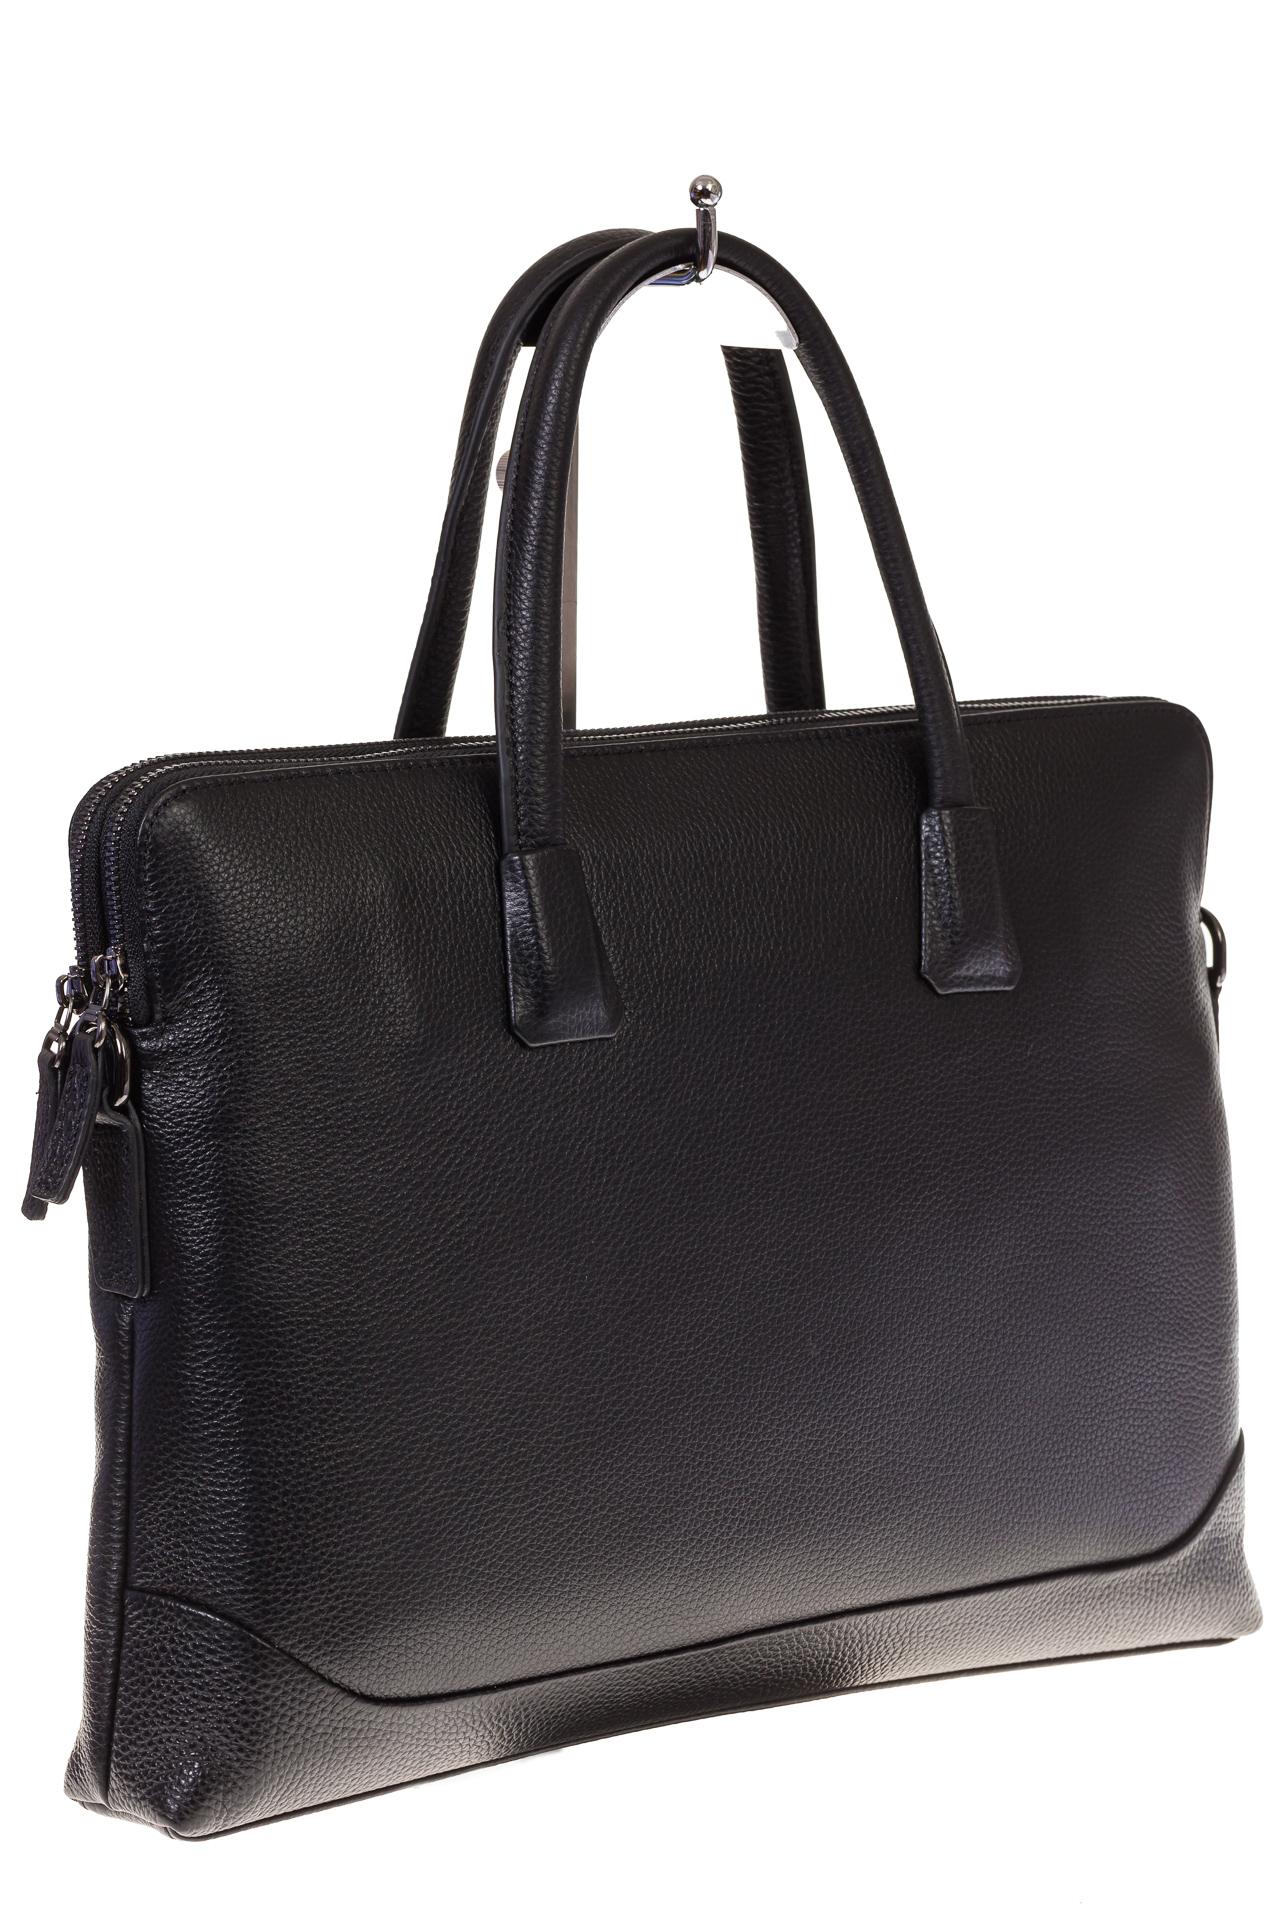 На фото черная мужская сумка-папка из текстурной натуральной кожи, оптом